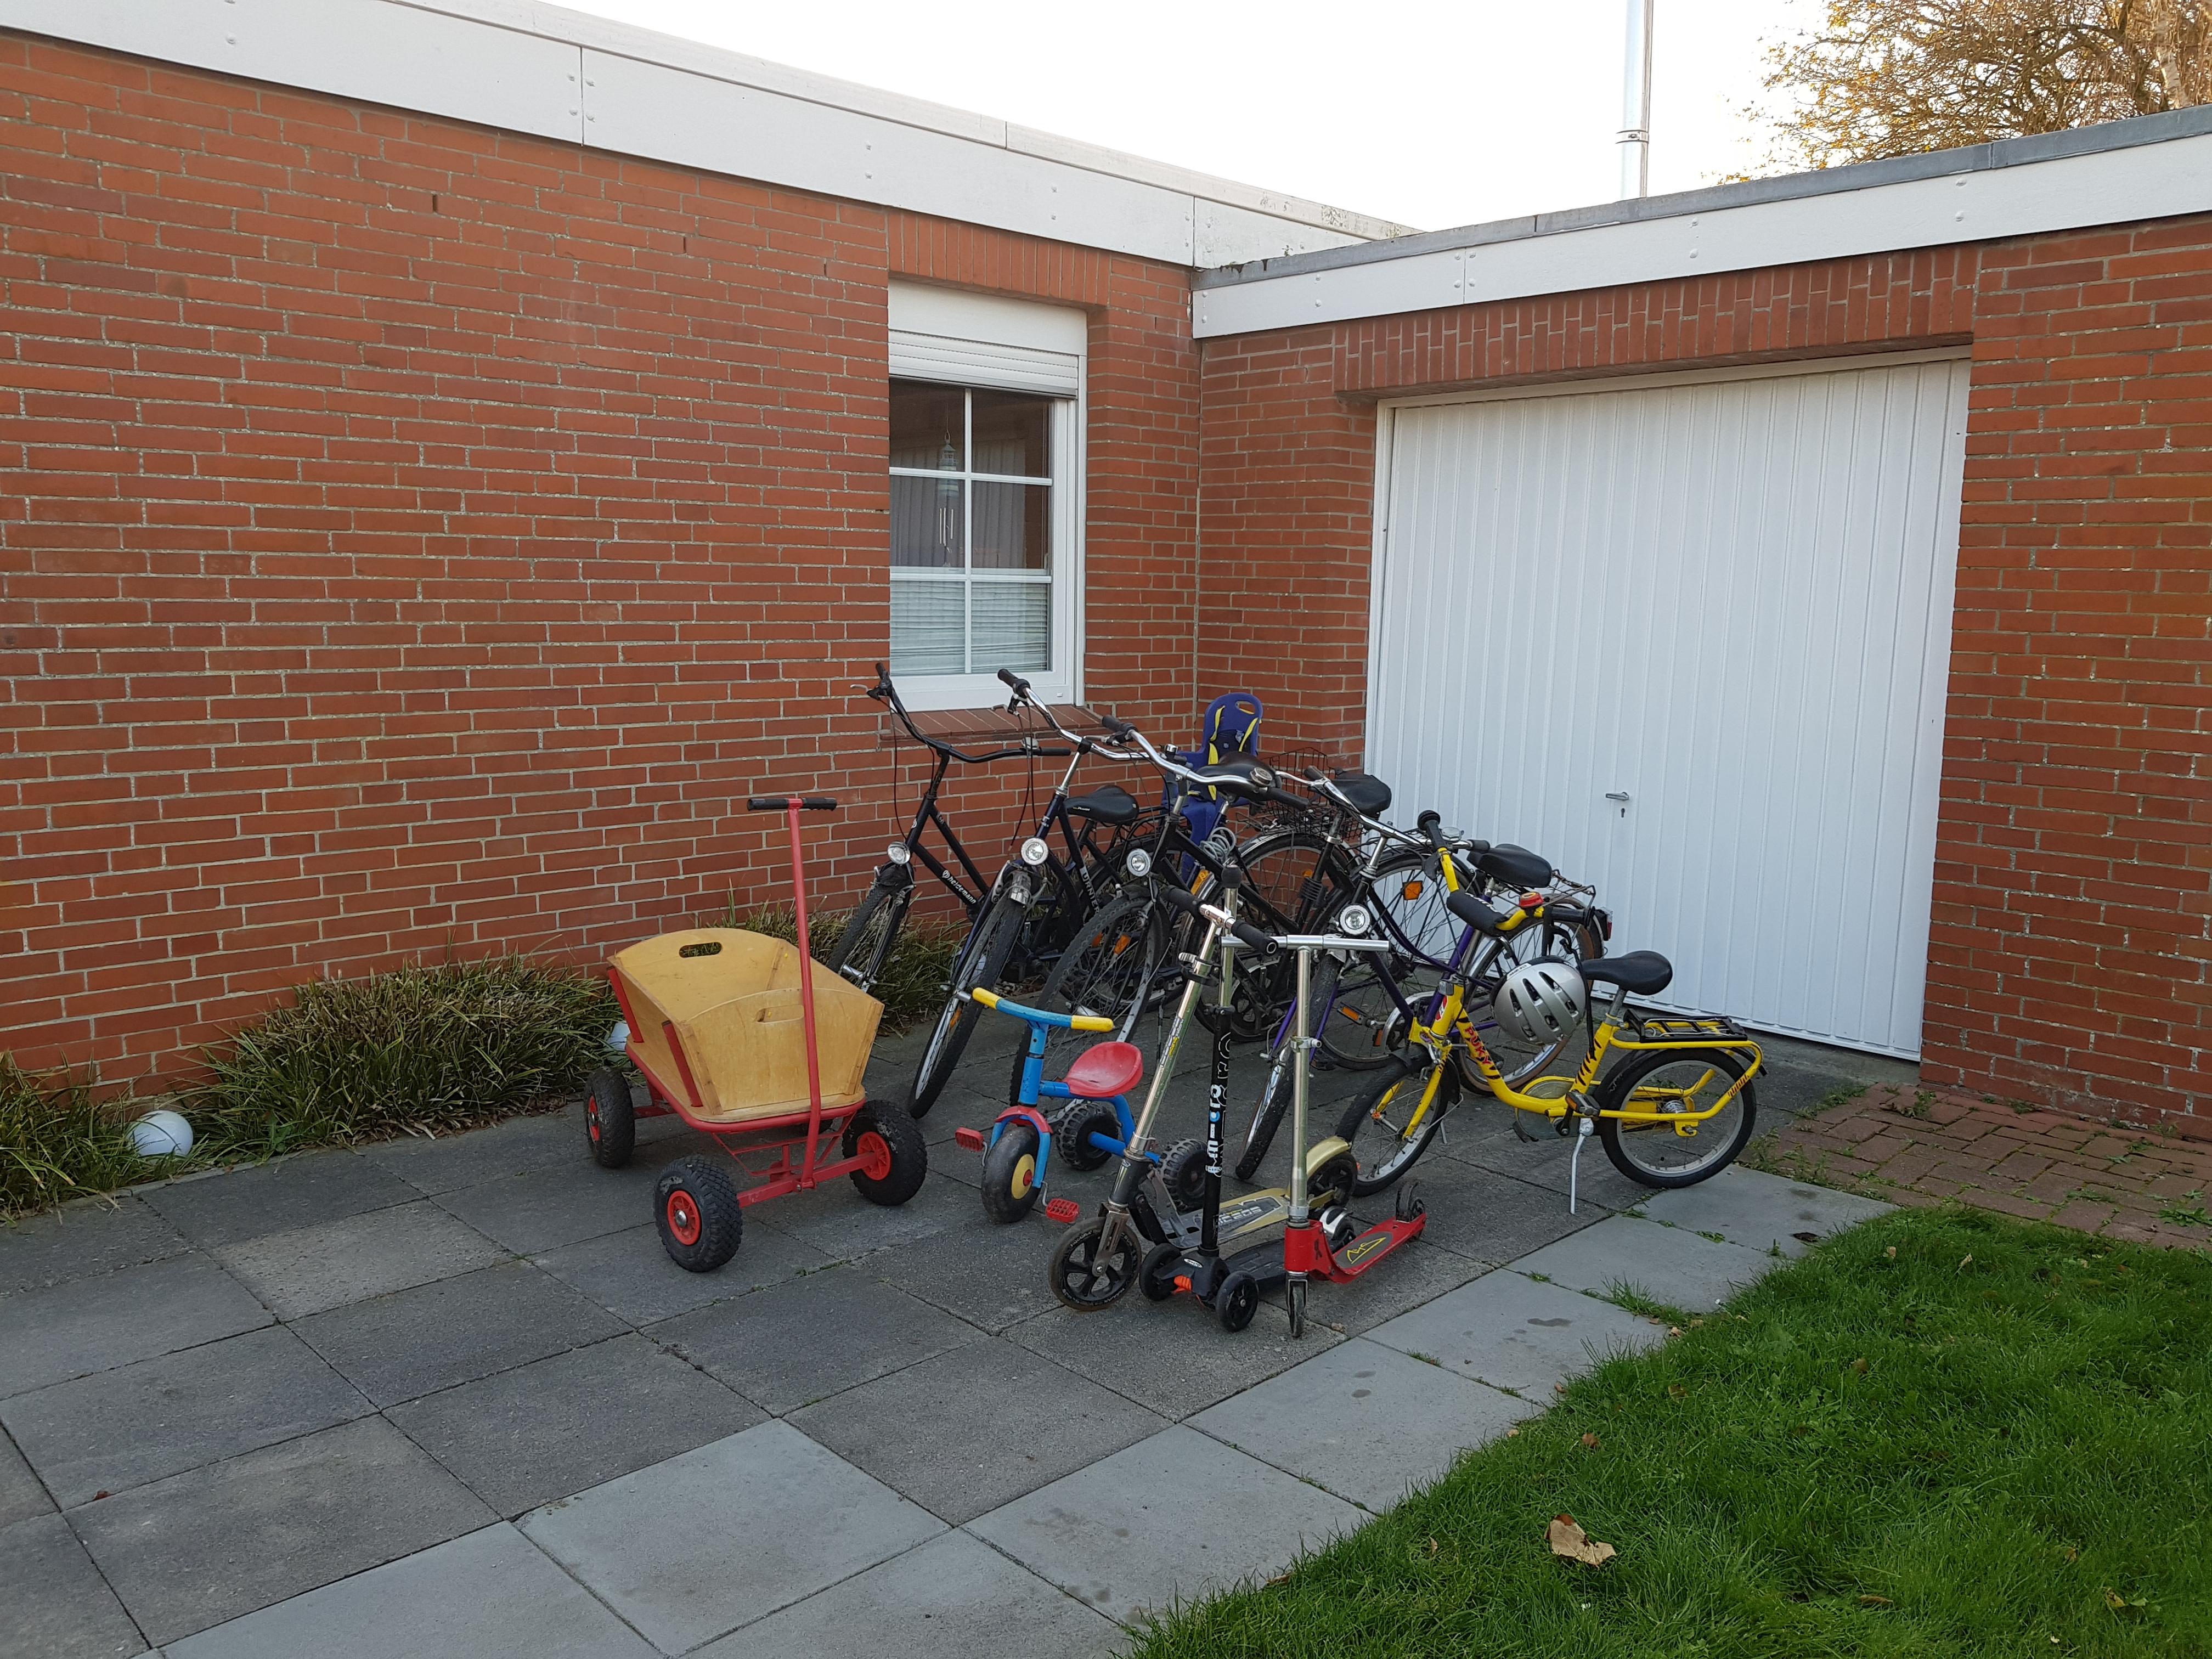 unser Fuhrpark zur kostenlosen Nutzung durch unsere Gäste